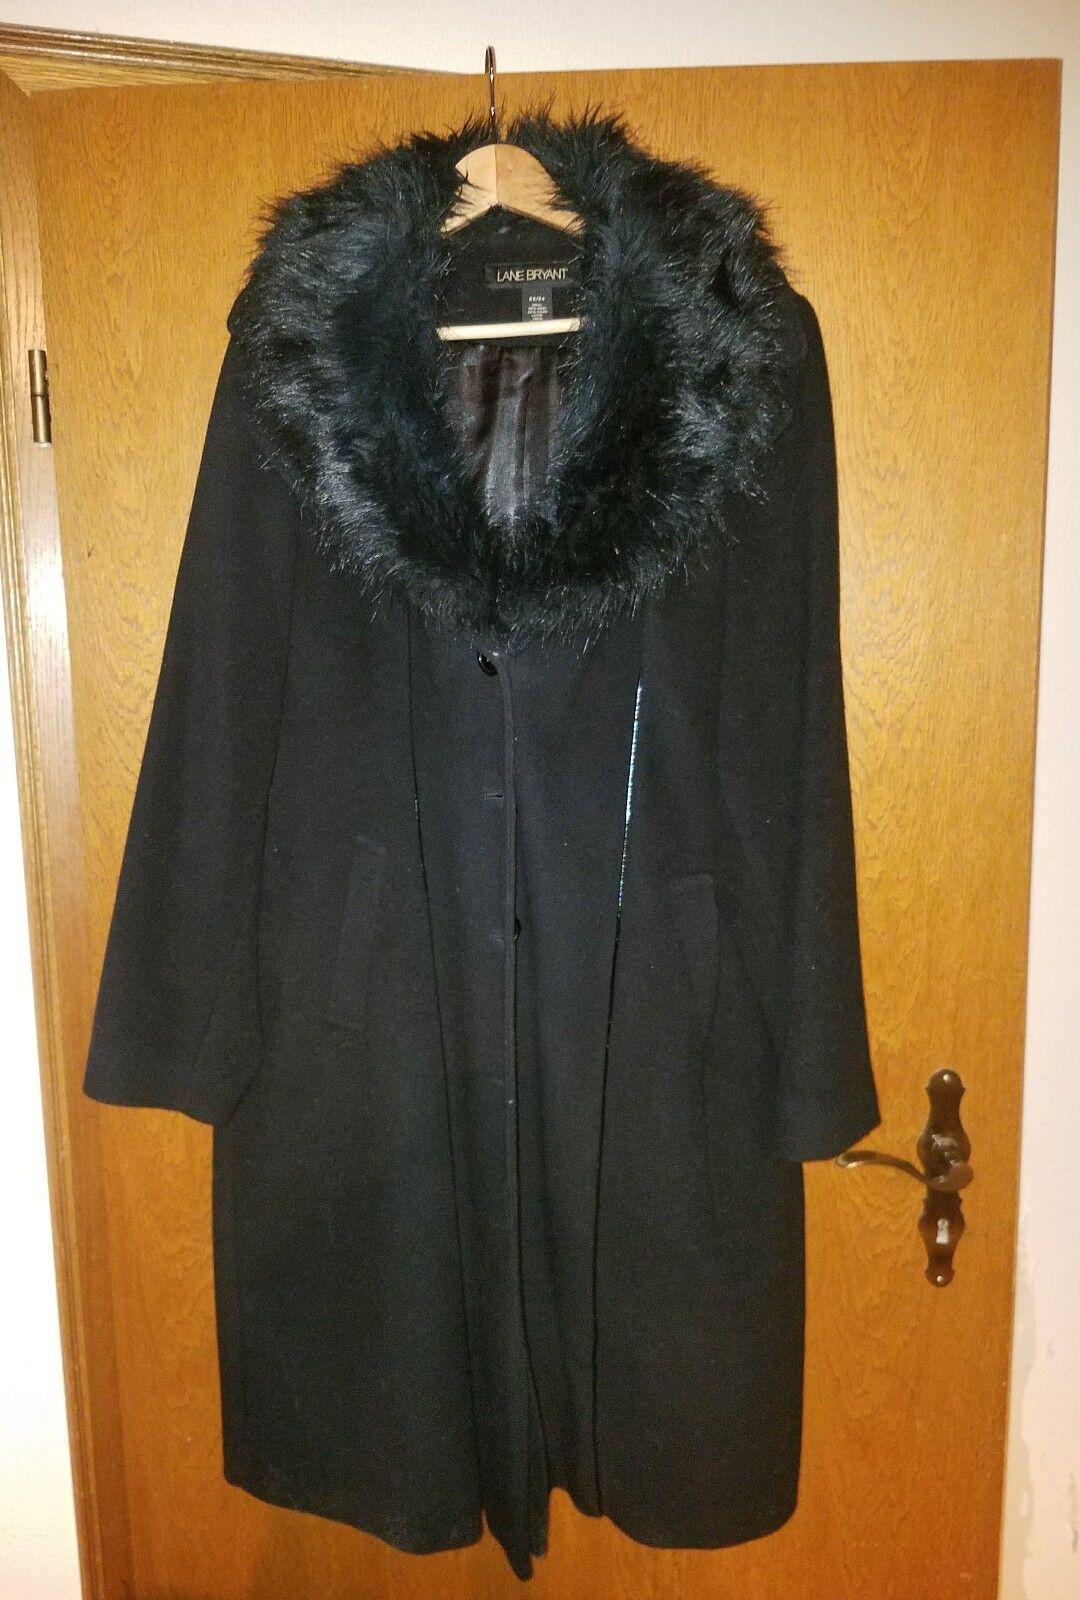 Mantel mit Fellkragen 22 24 52 54   Deutschland Deutschland Deutschland Shops    Billig    Gute Qualität  7047f7